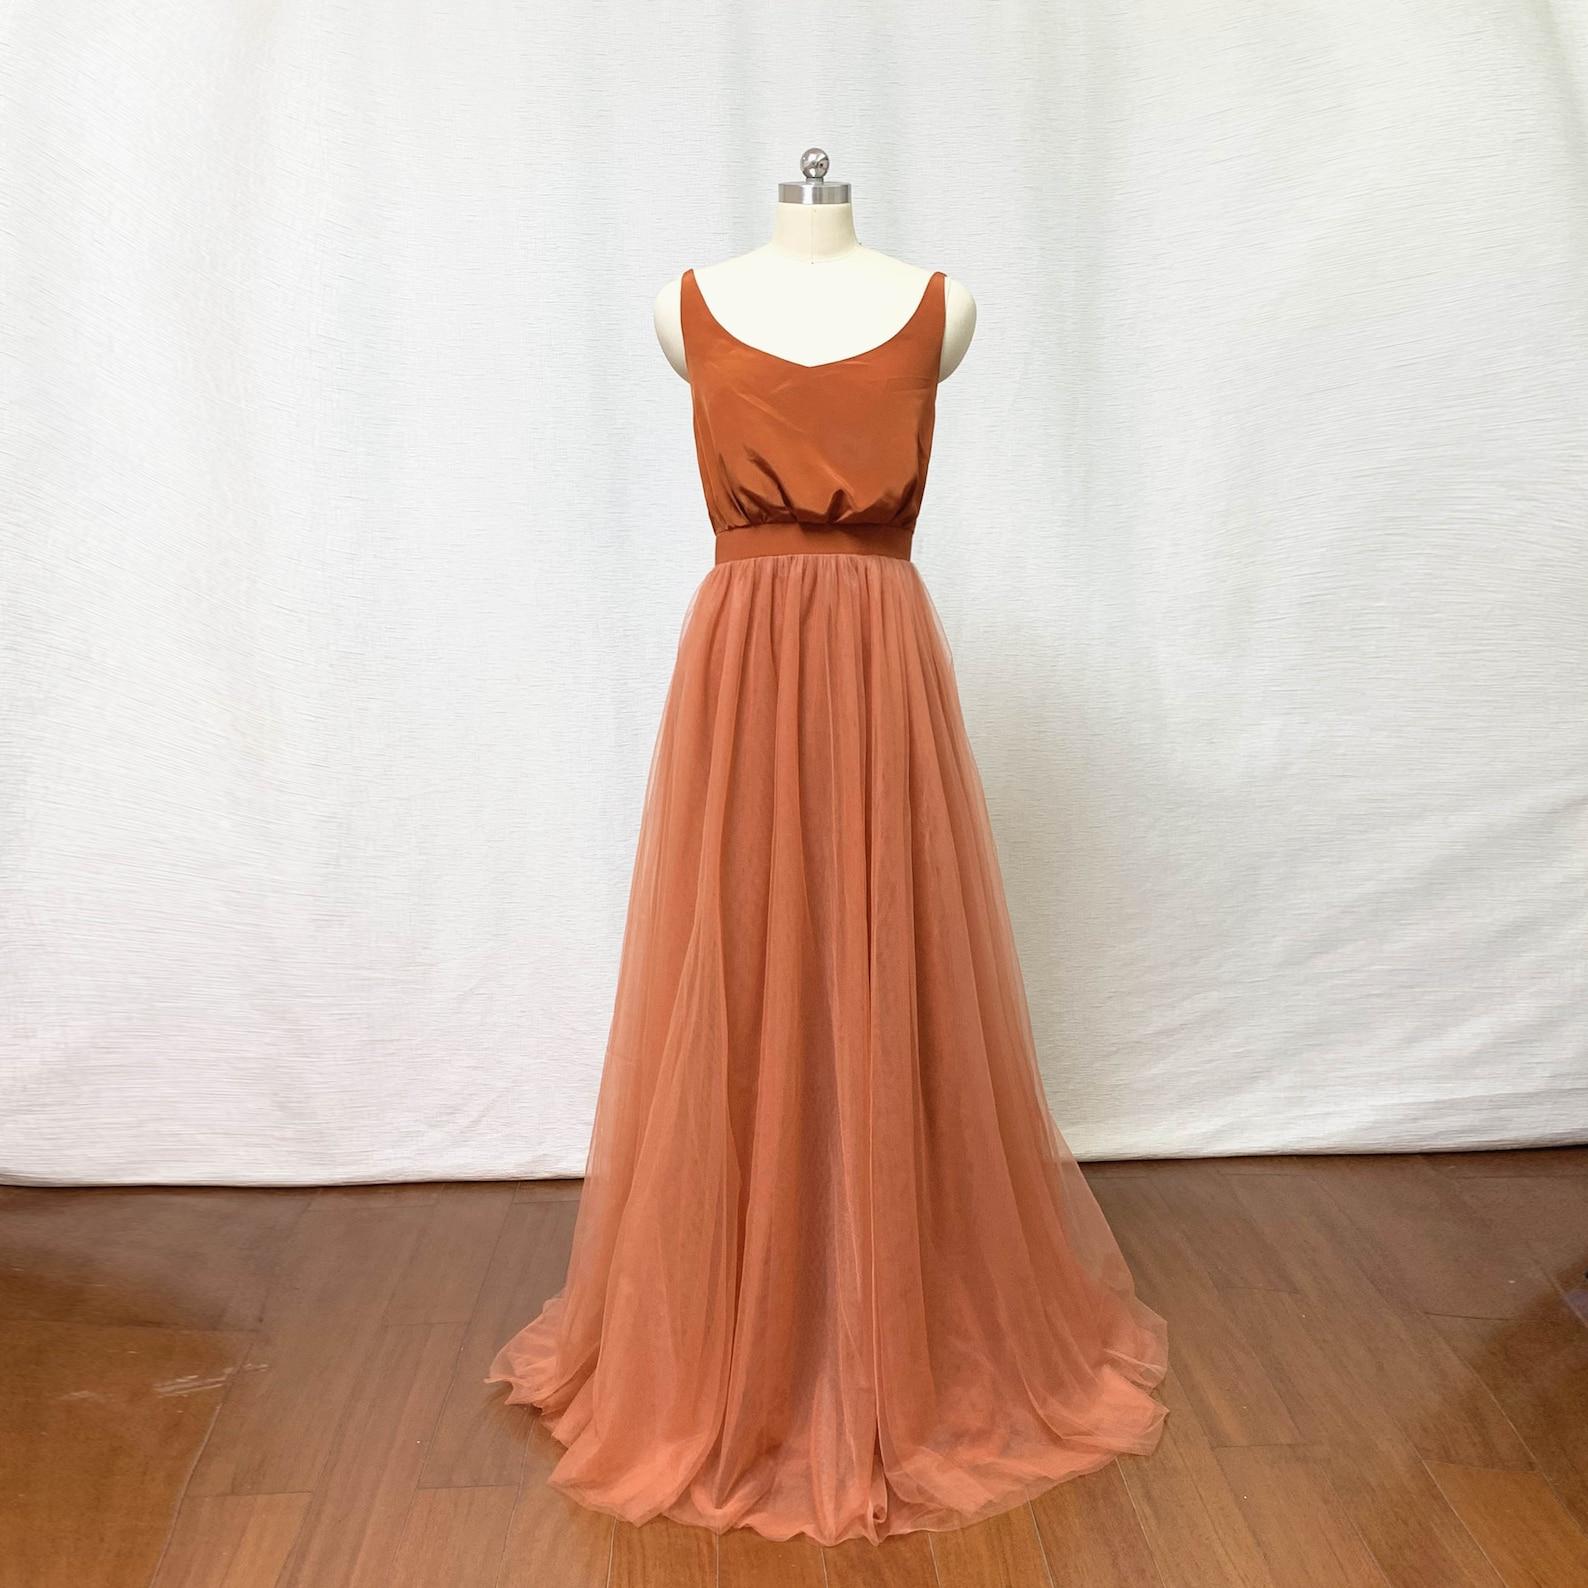 Burnt orange tulle bridesmaid dress